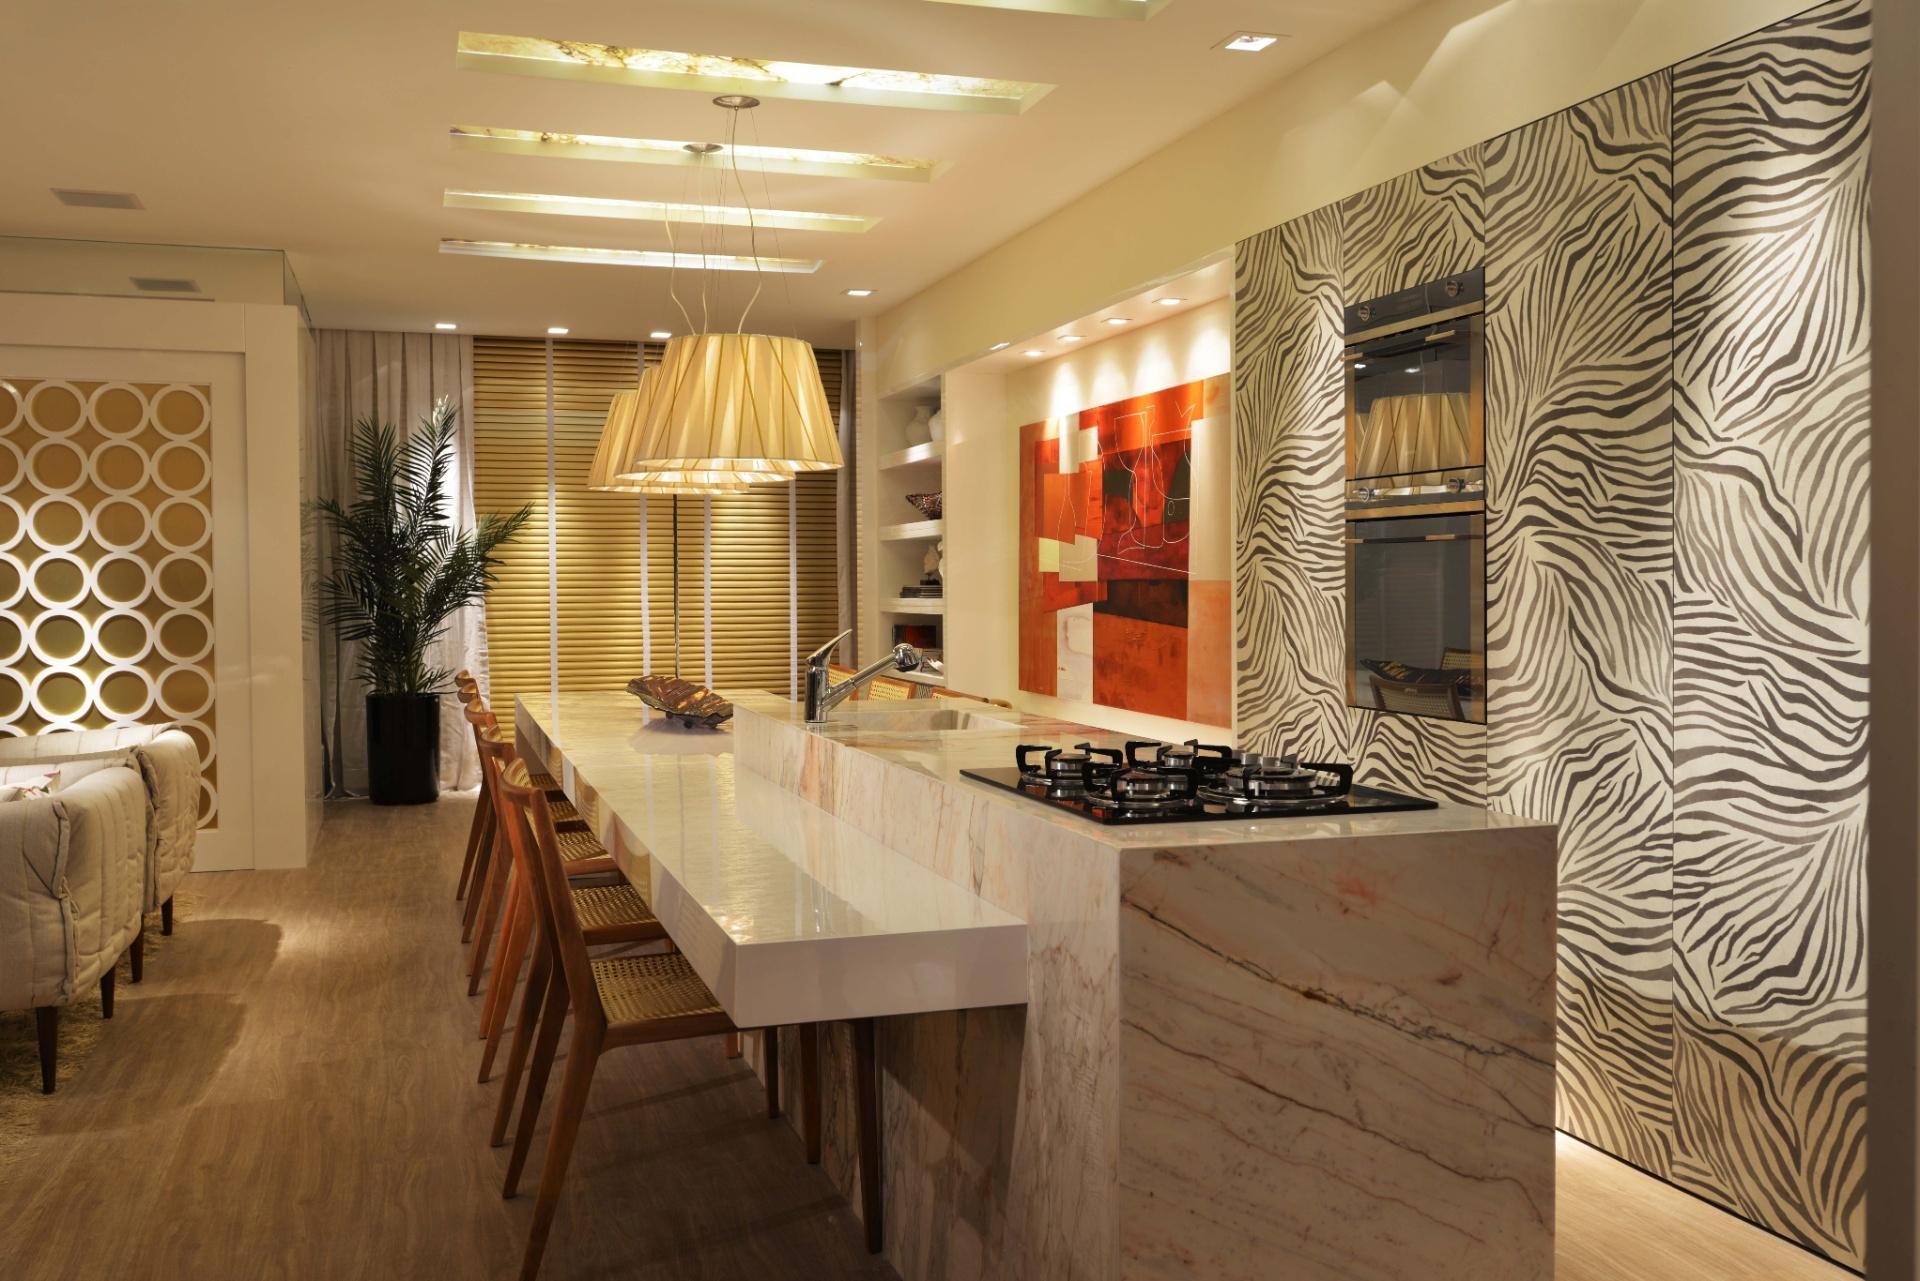 A cozinha gourmet do Loft da Estilista, com 140 m², assinada pelos arquitetos Anna Maya e Anderson Schussler. A Casa Cor Santa Catarina, pela primeira vez, acontece simultaneamente em Florianópolis e na Praia Brava, em Itajaí. As duas sedes do evento apresentam, no total, 45 ambientes até 30 de junho de 2013